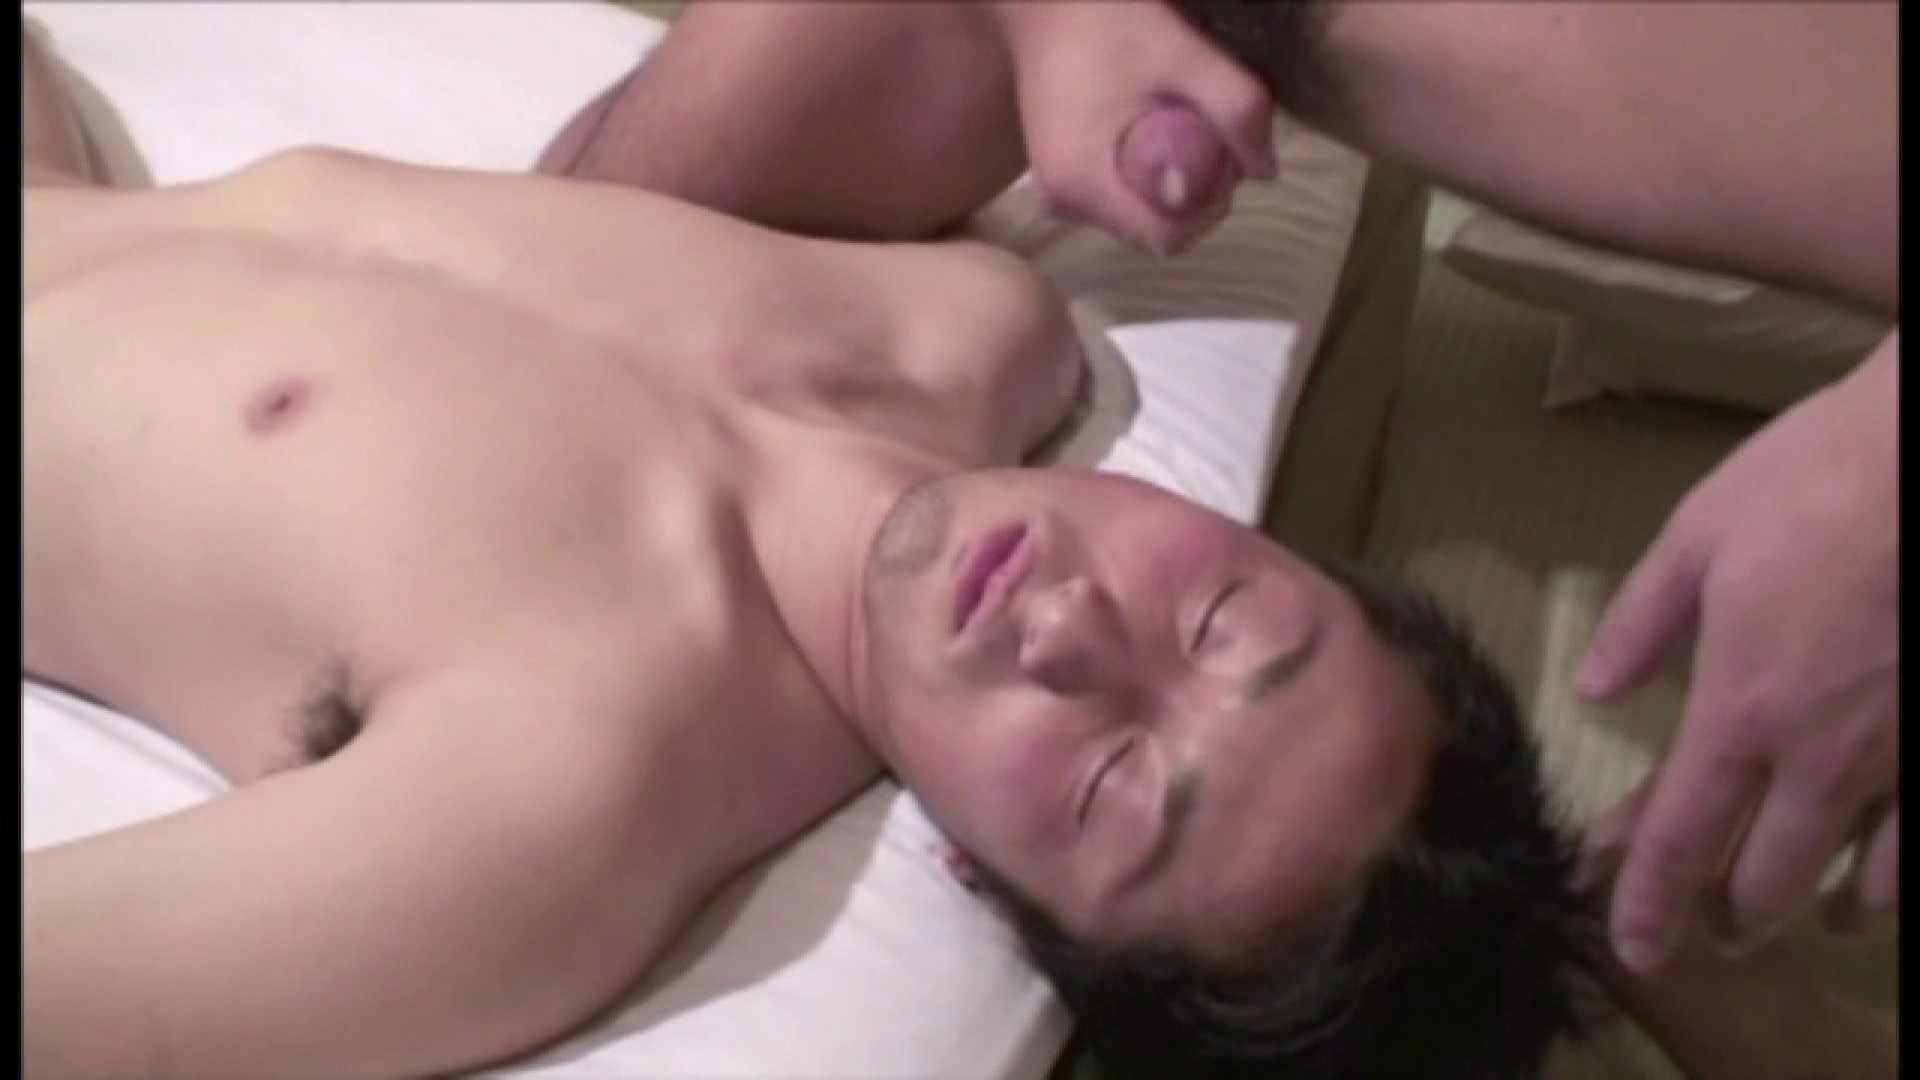 ノンケイケメンの欲望と肉棒 Vol.23 イケメンのsex | ノンケボーイズ  91pic 89